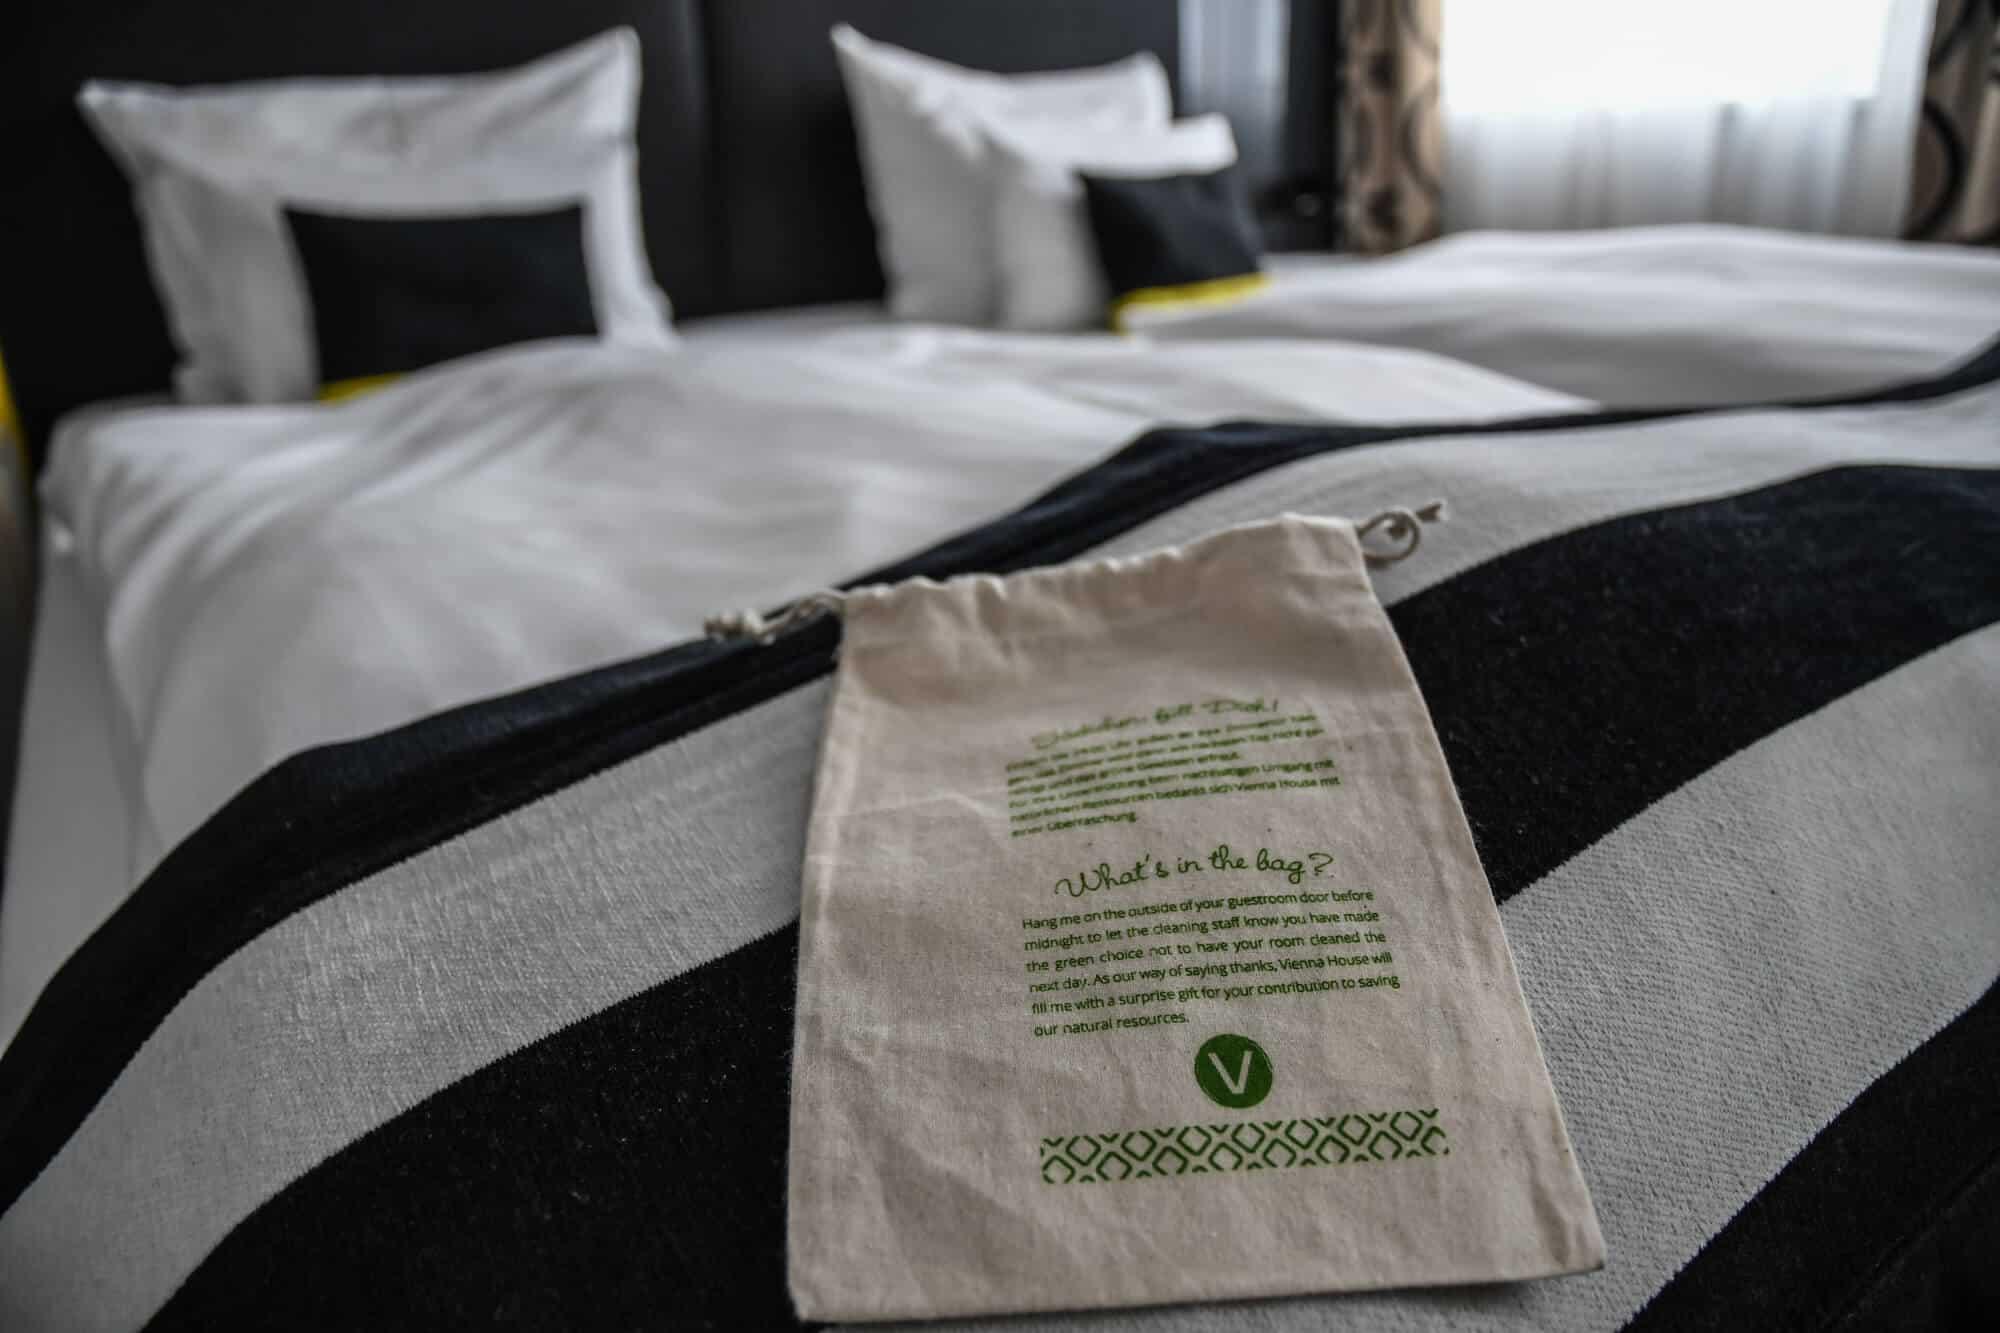 Vienna House Andel's Berlin – Nachhaltigkeit